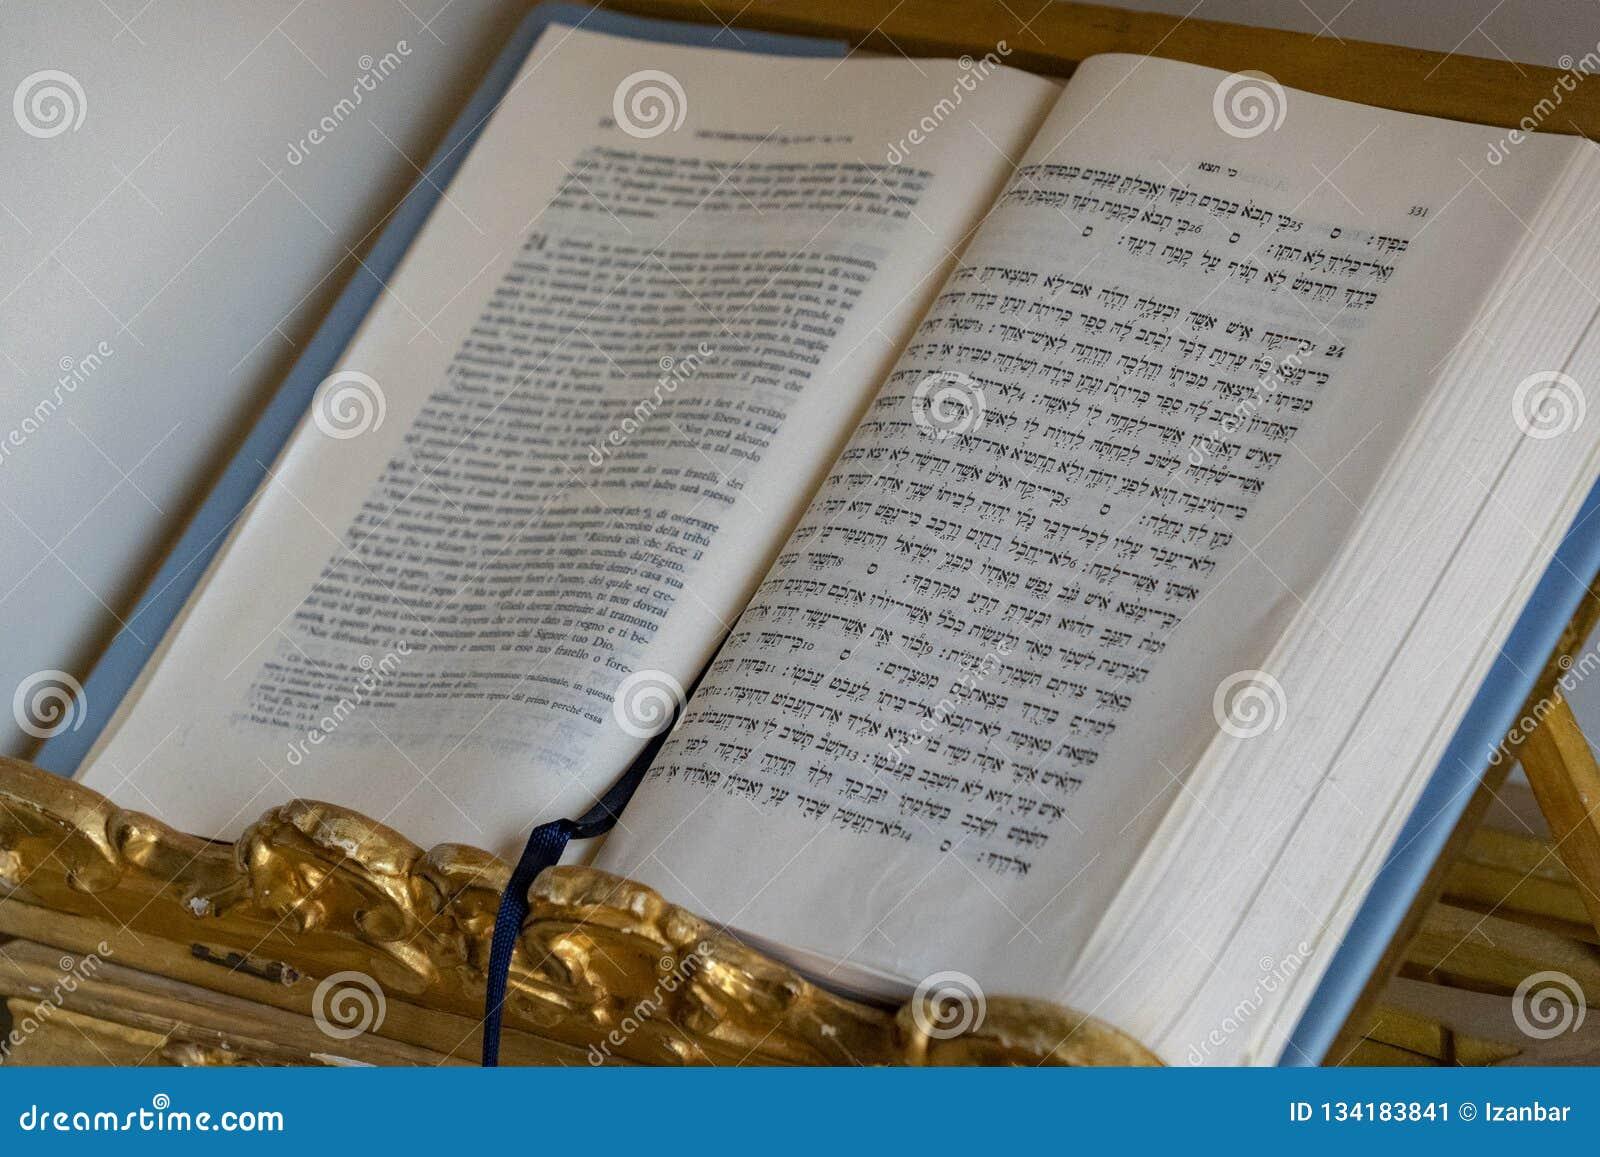 Rabbinerbuchzweisprachiger